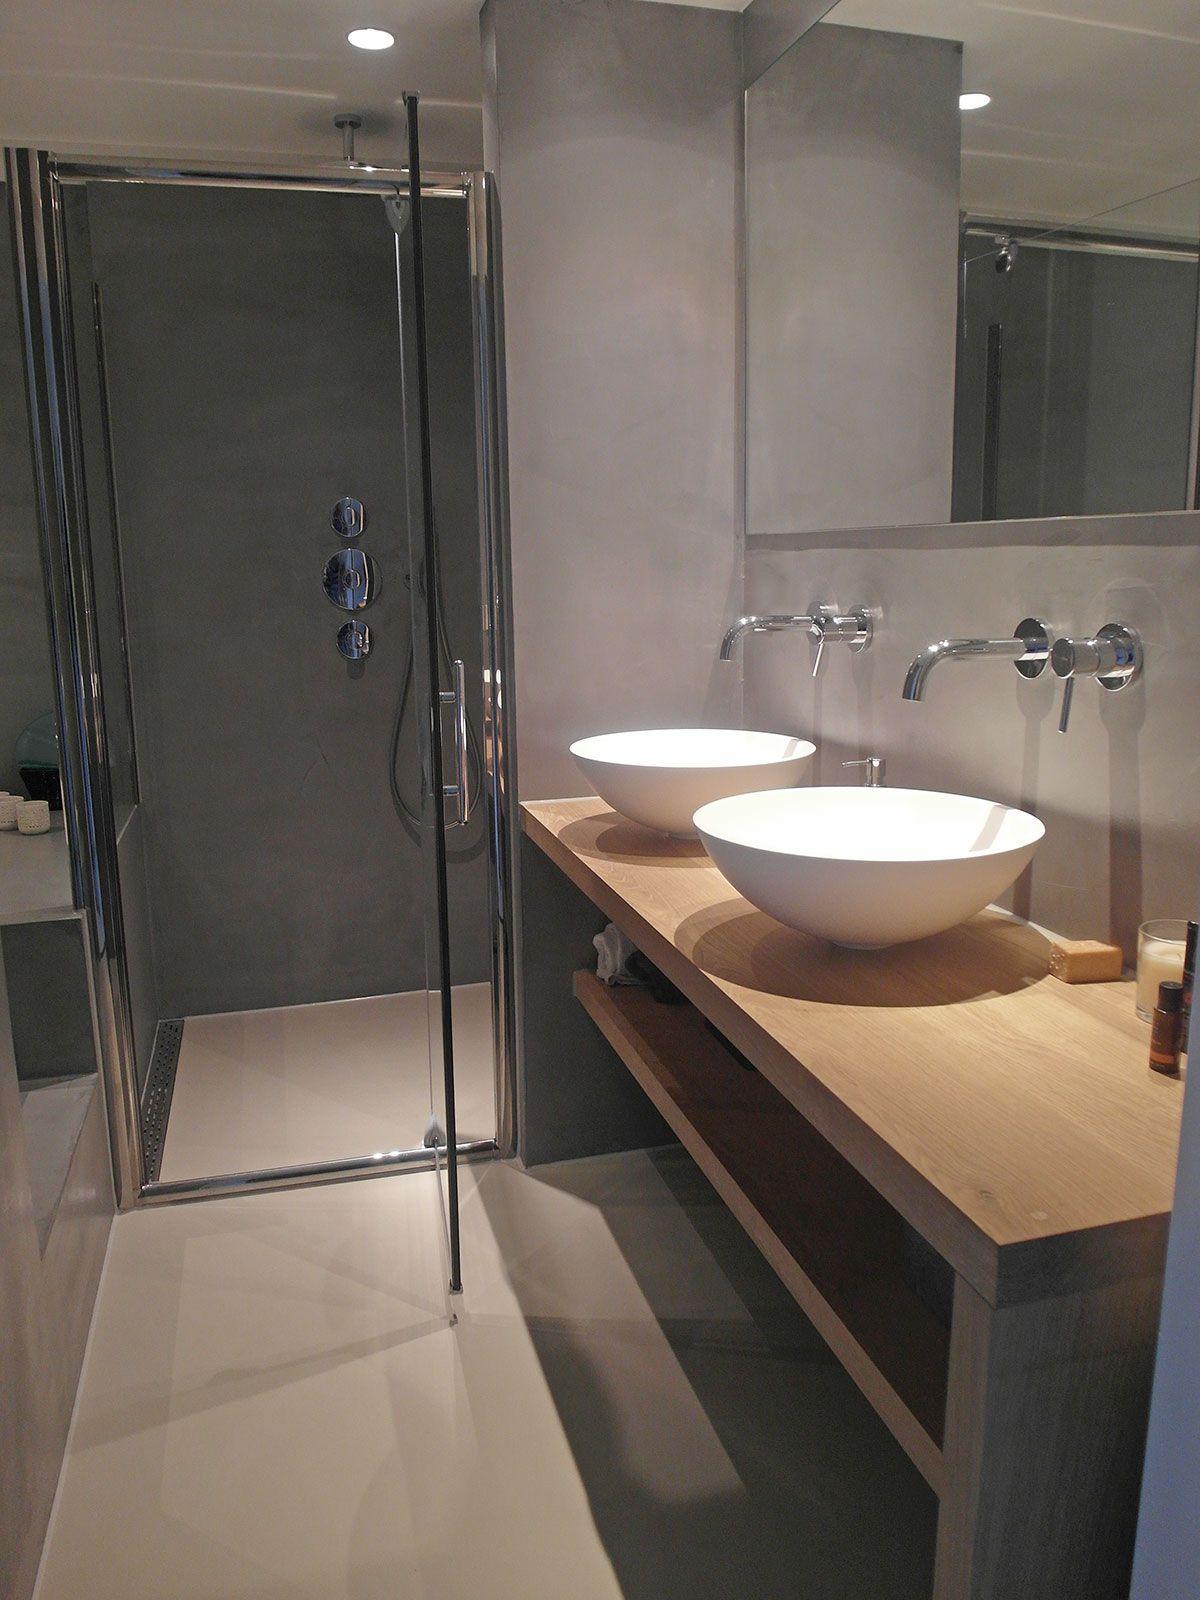 Microcement badkamer amsterdam mooie combinatie van een gietvloer en microcement wanden - Een mooie badkamer ...